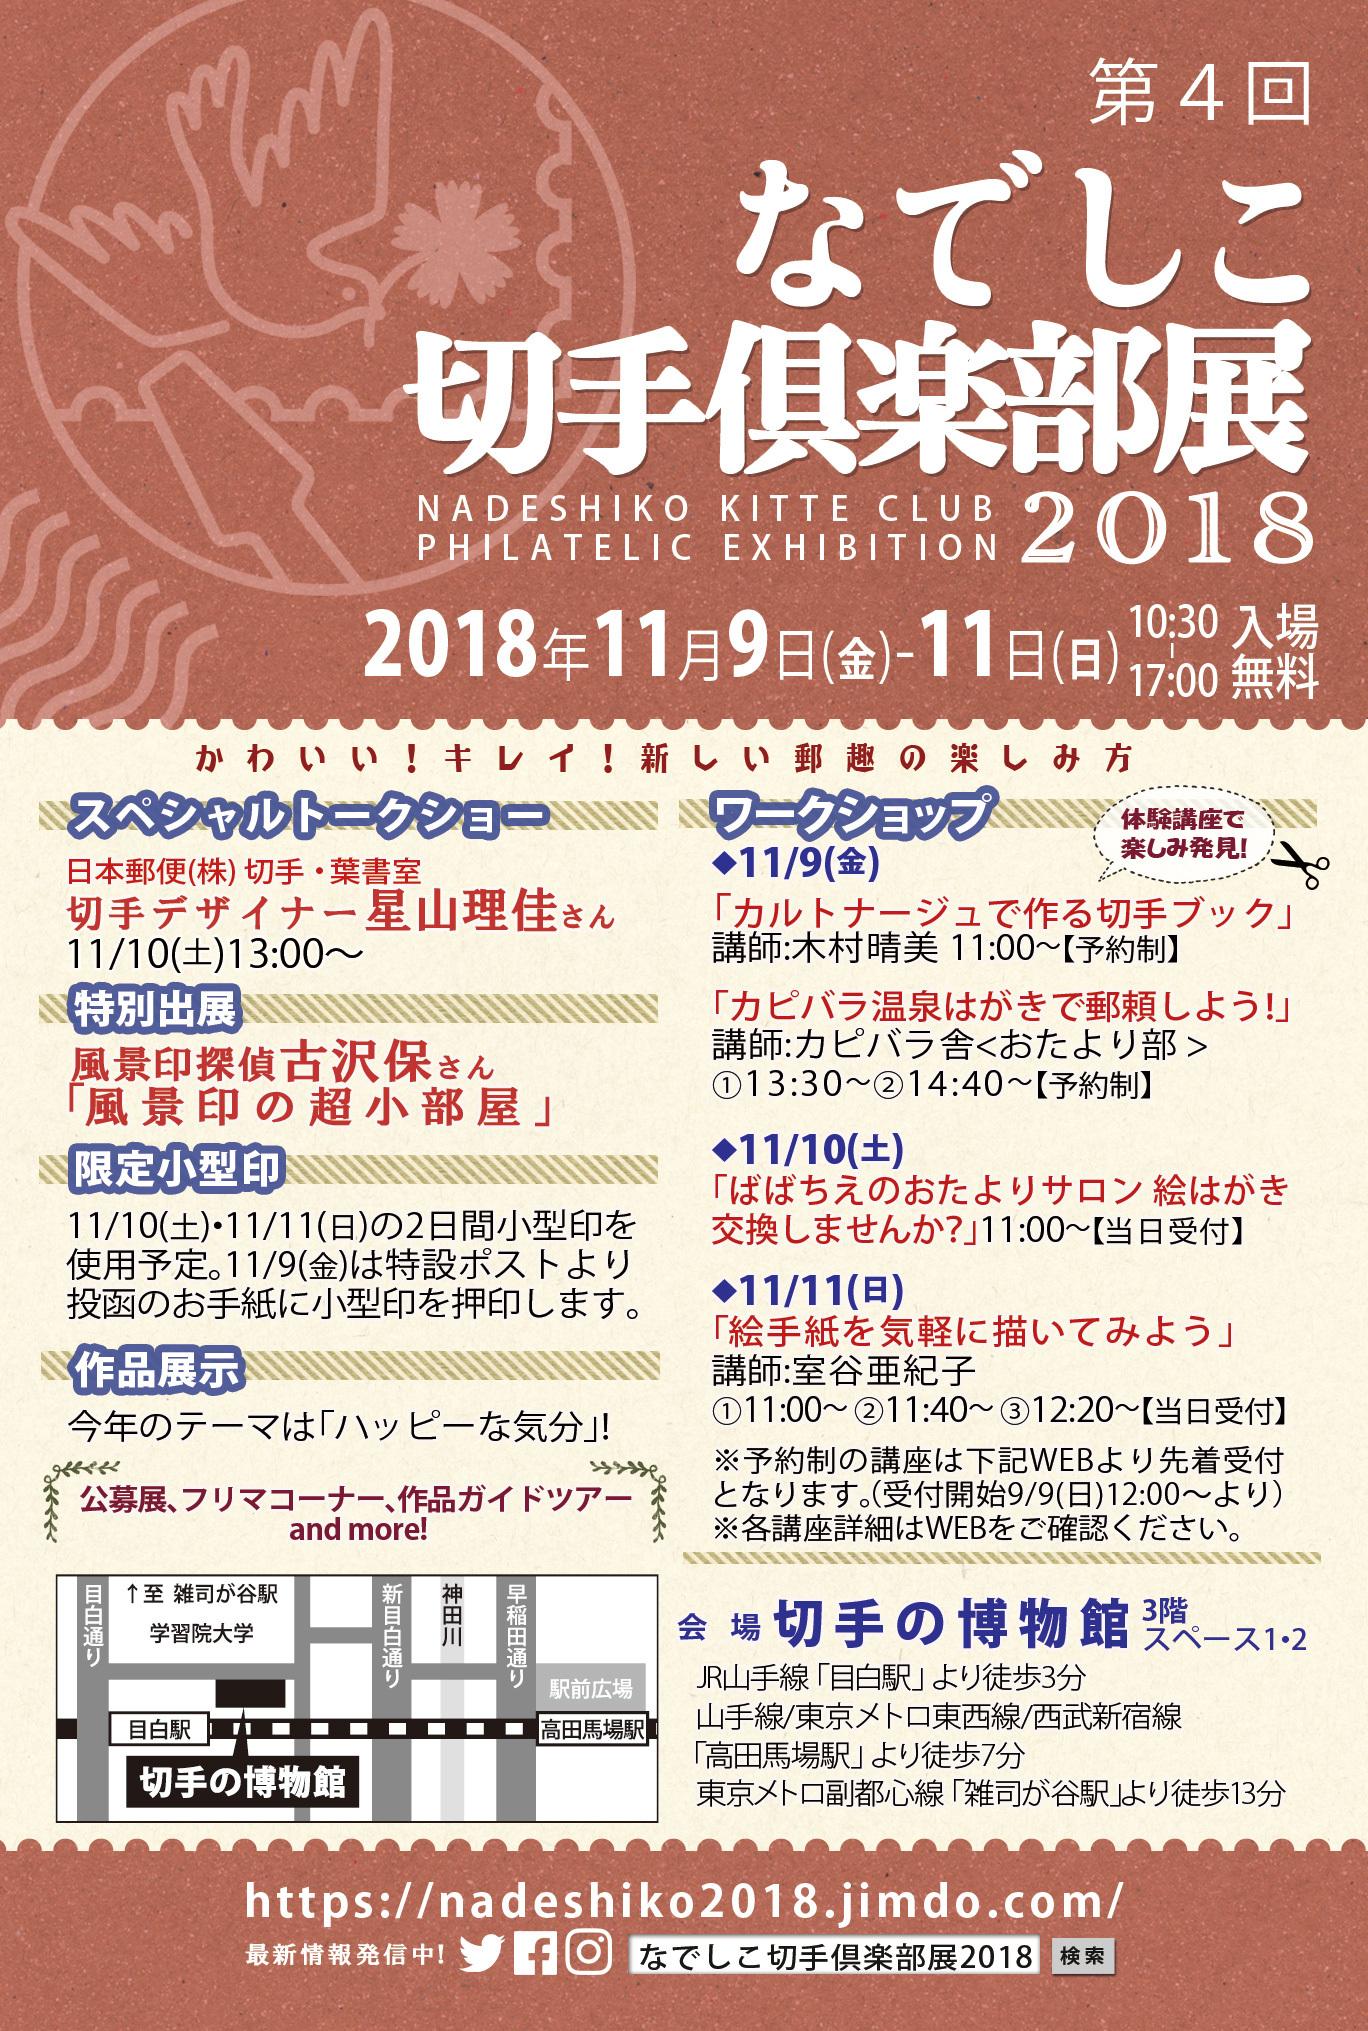 【終了】なでしこ切手倶楽部展2018